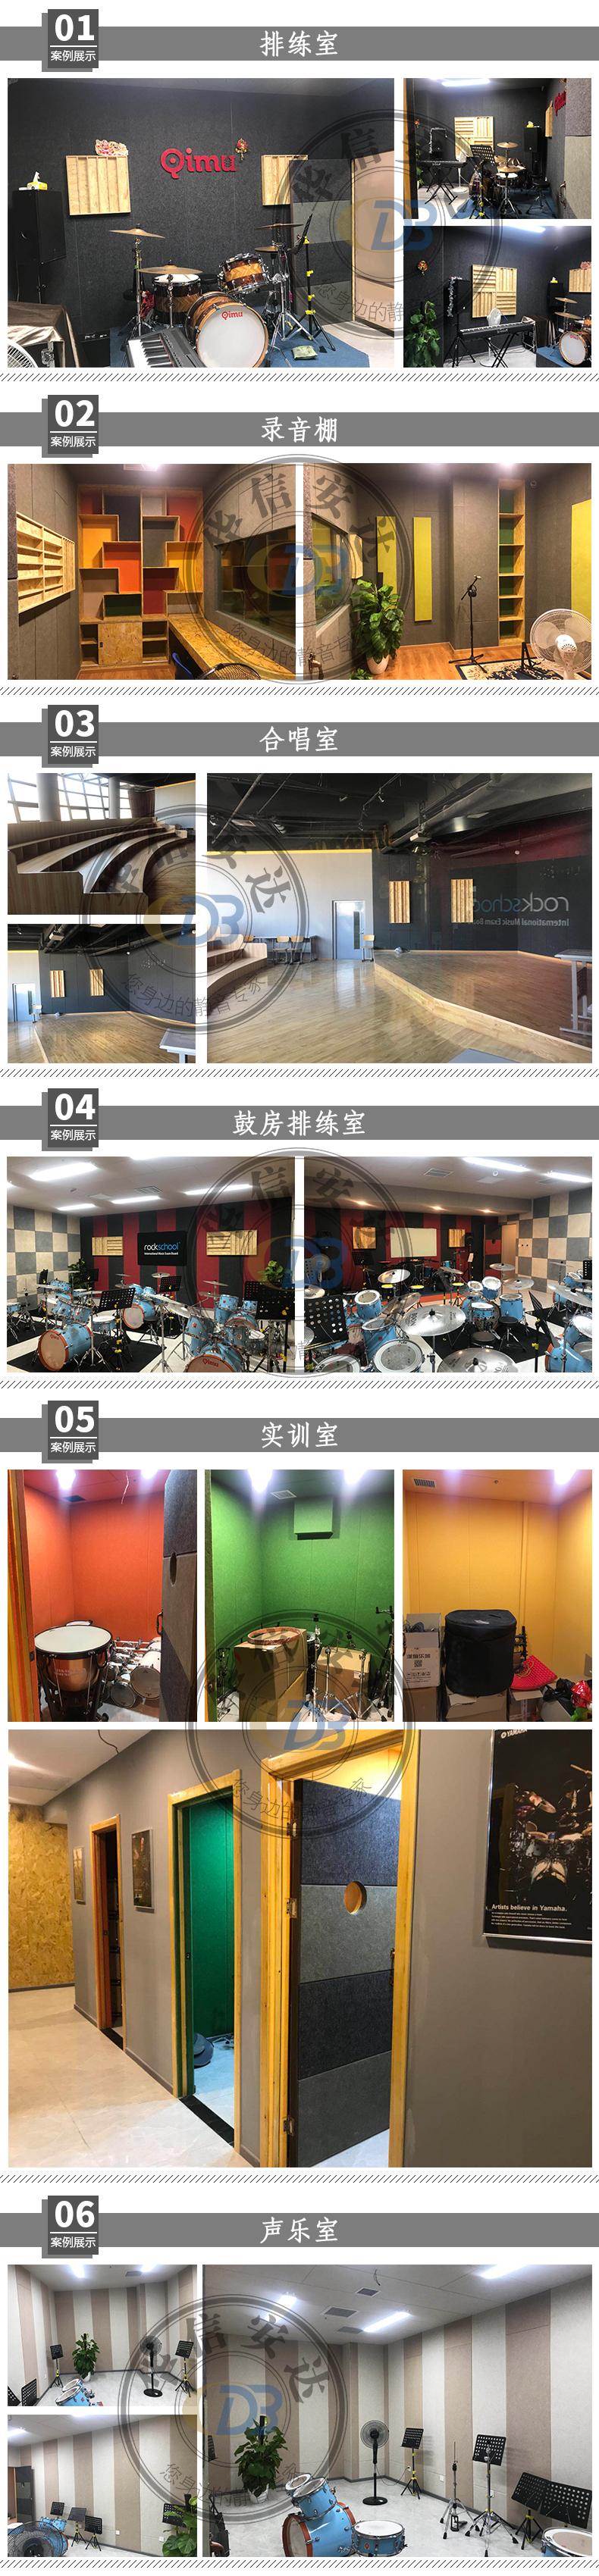 栖木文化艺术中心3_03